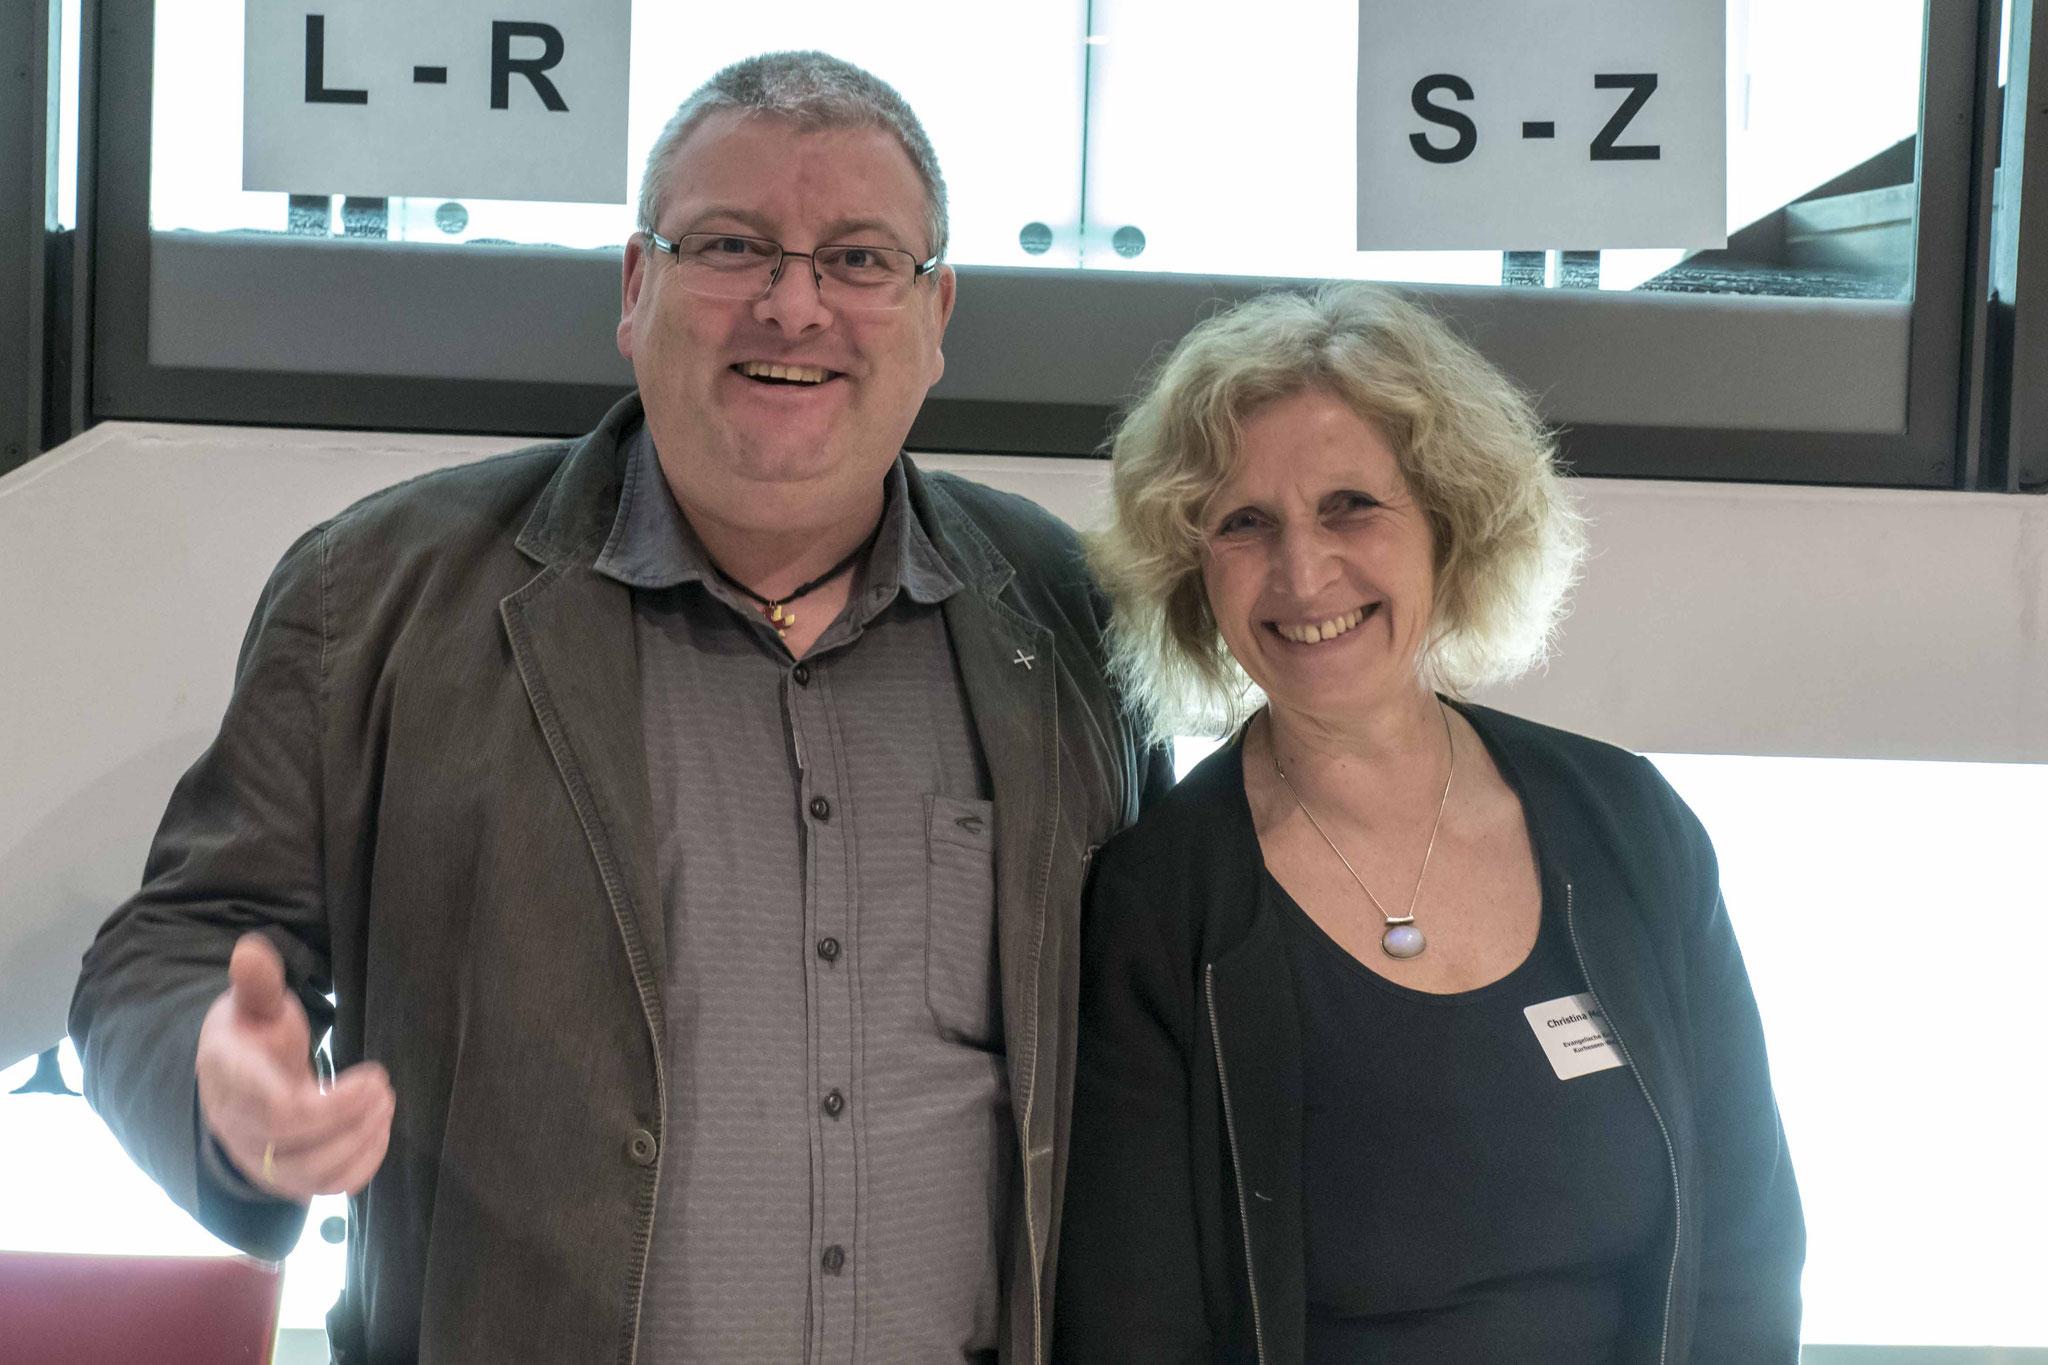 Mit am Empfang Peter Grohme und Christina Meybohm vom Referat Wirtschaft - Arbeit - Soziales